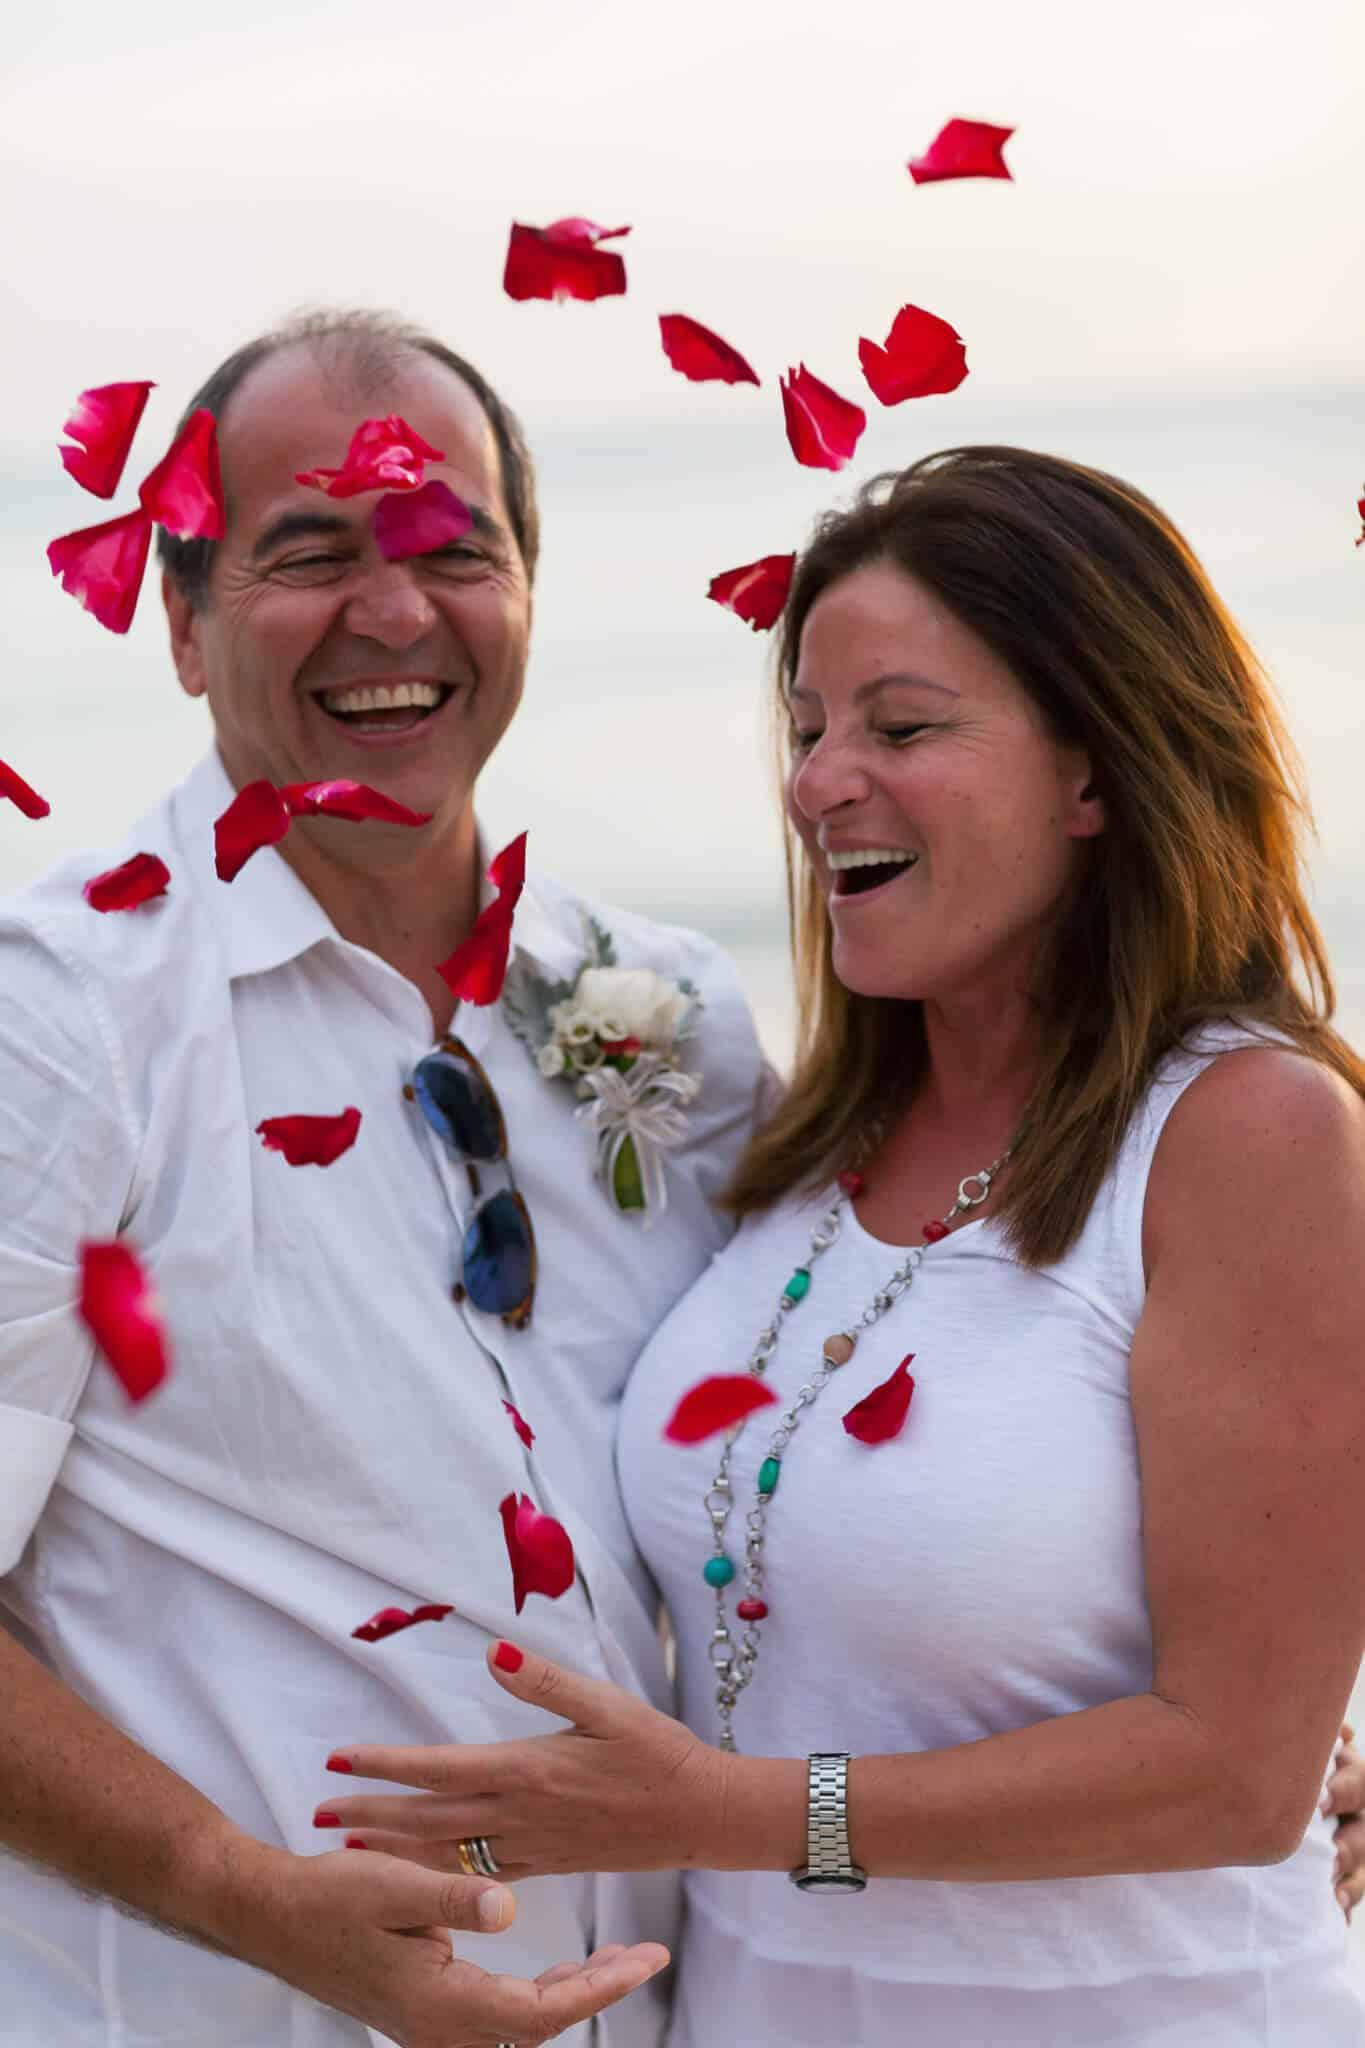 Phuket Romantic Marriage Ceremony - Phuket Romantic Beach Marriage Ceremony